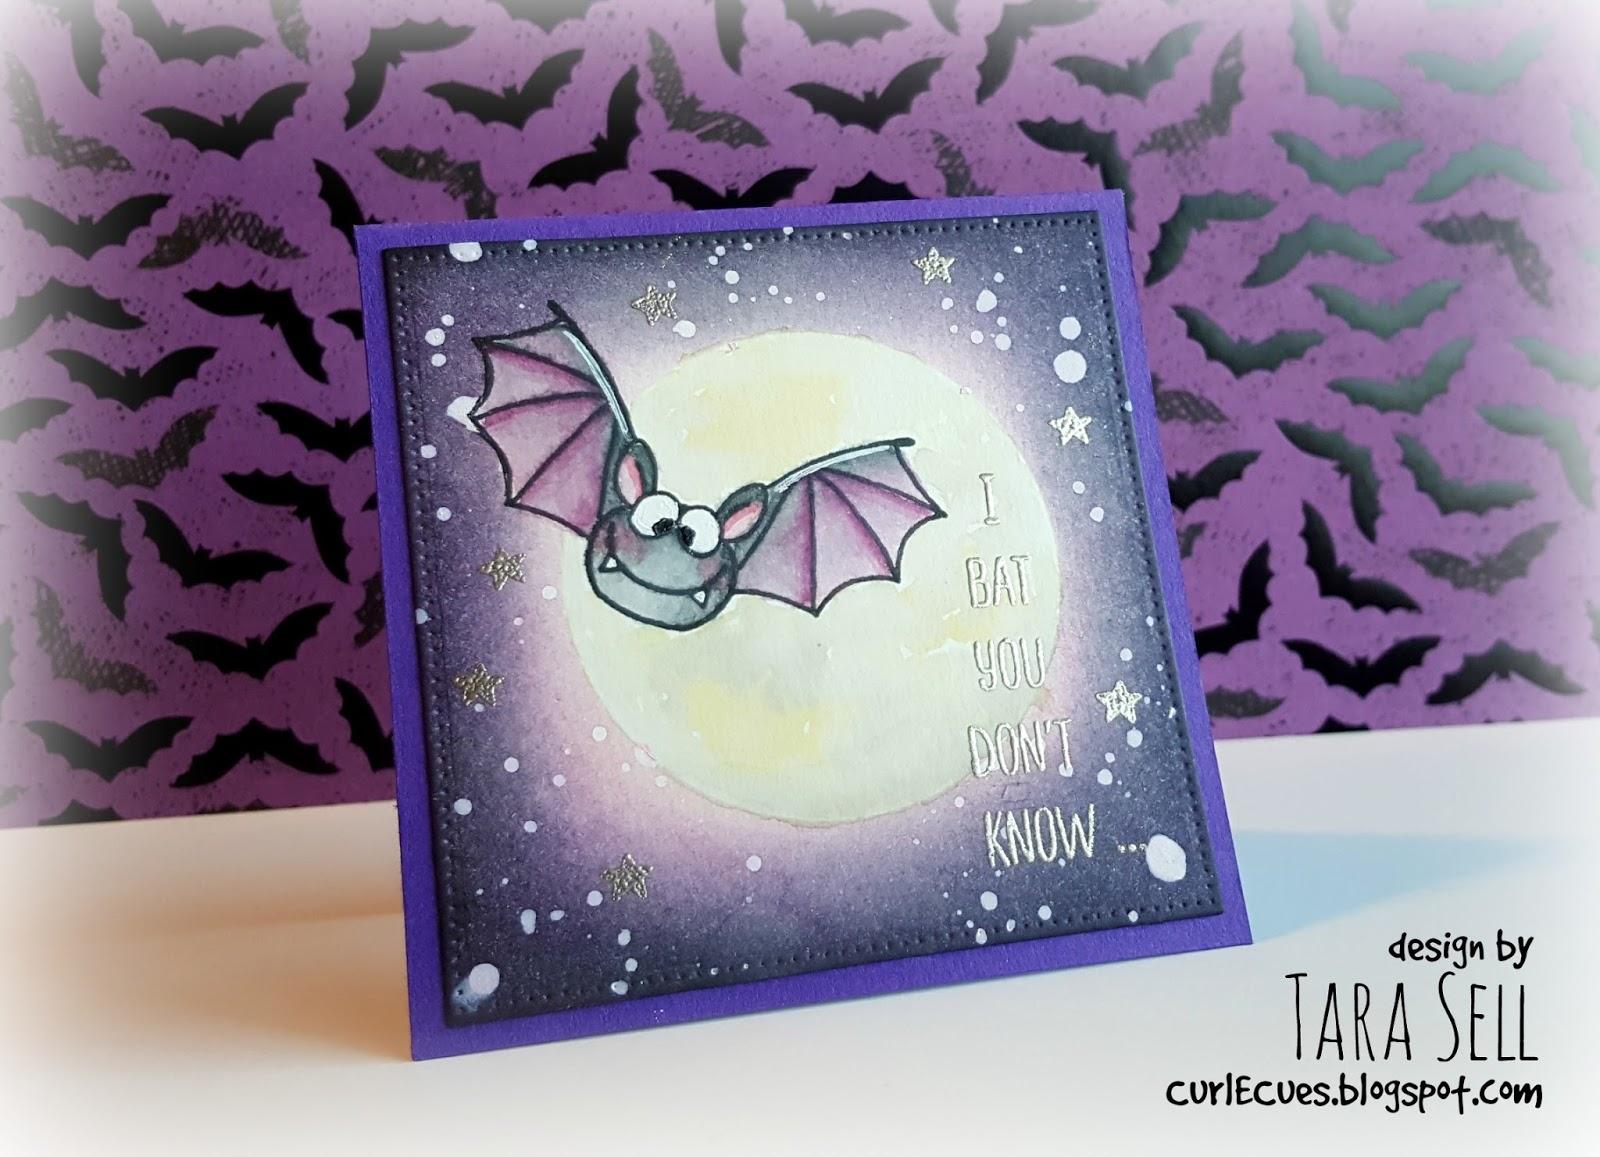 Gerda Steiner Designs: Creating A Moonscape Featuring Bats Halloween